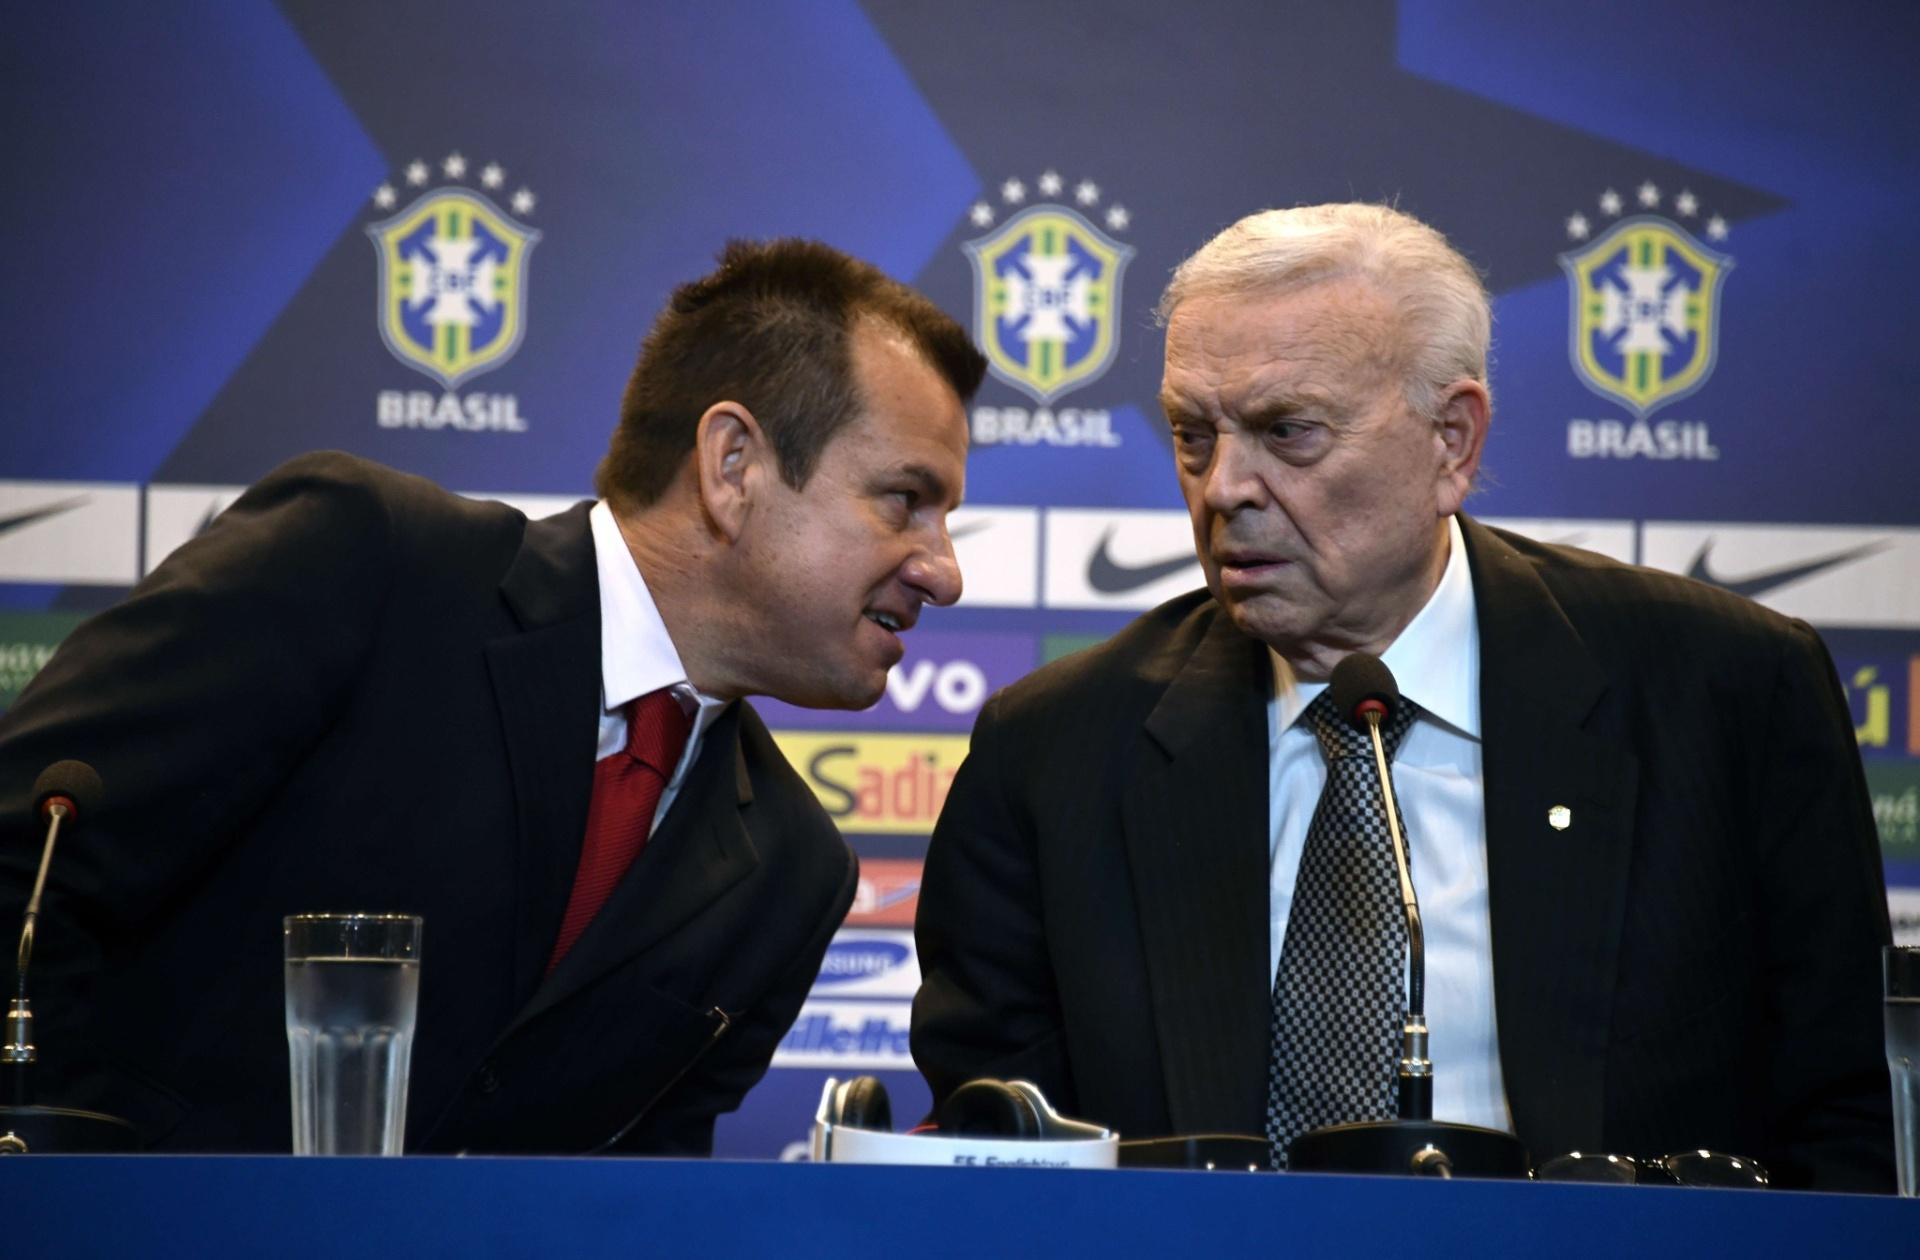 Dunga e José Maria Marin conversam durante a coletiva de apresentação do técnico pela CBF